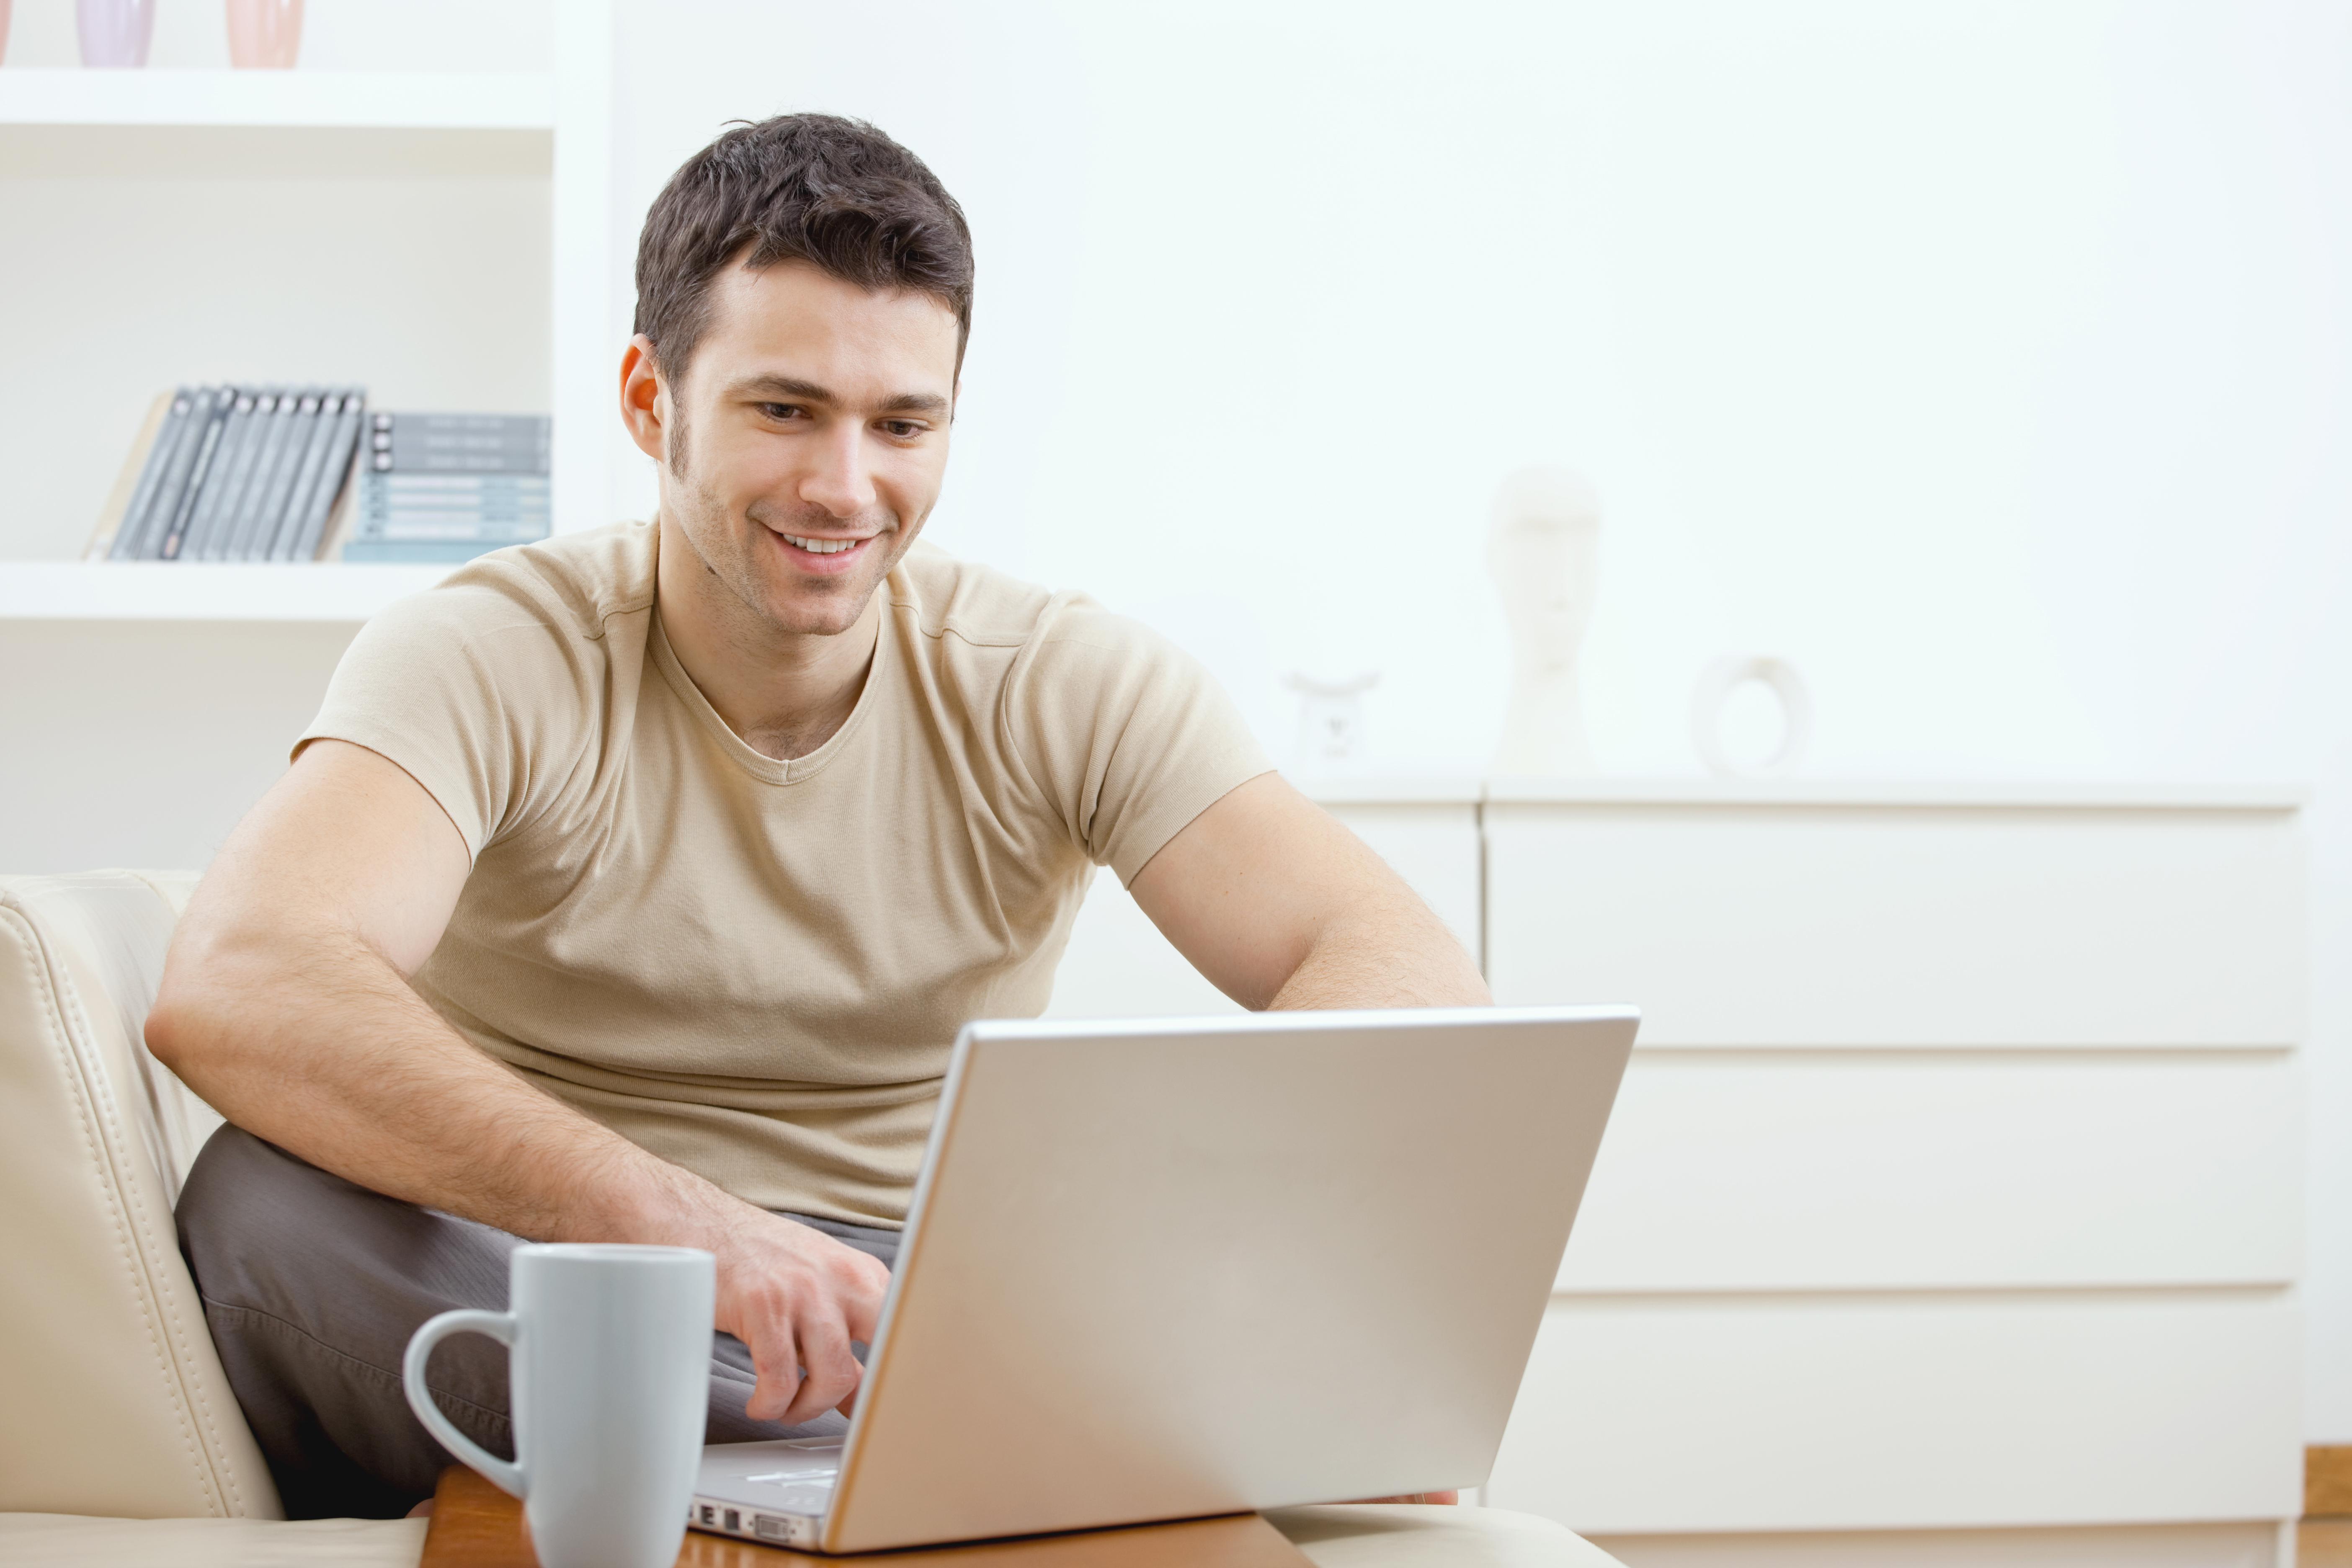 לא בא לכם לקום מהספה? אתם יכולים להמשיך לשבת וללמוד לתואר אקדמי באמצעות הרשת (צילום: shutterstock)